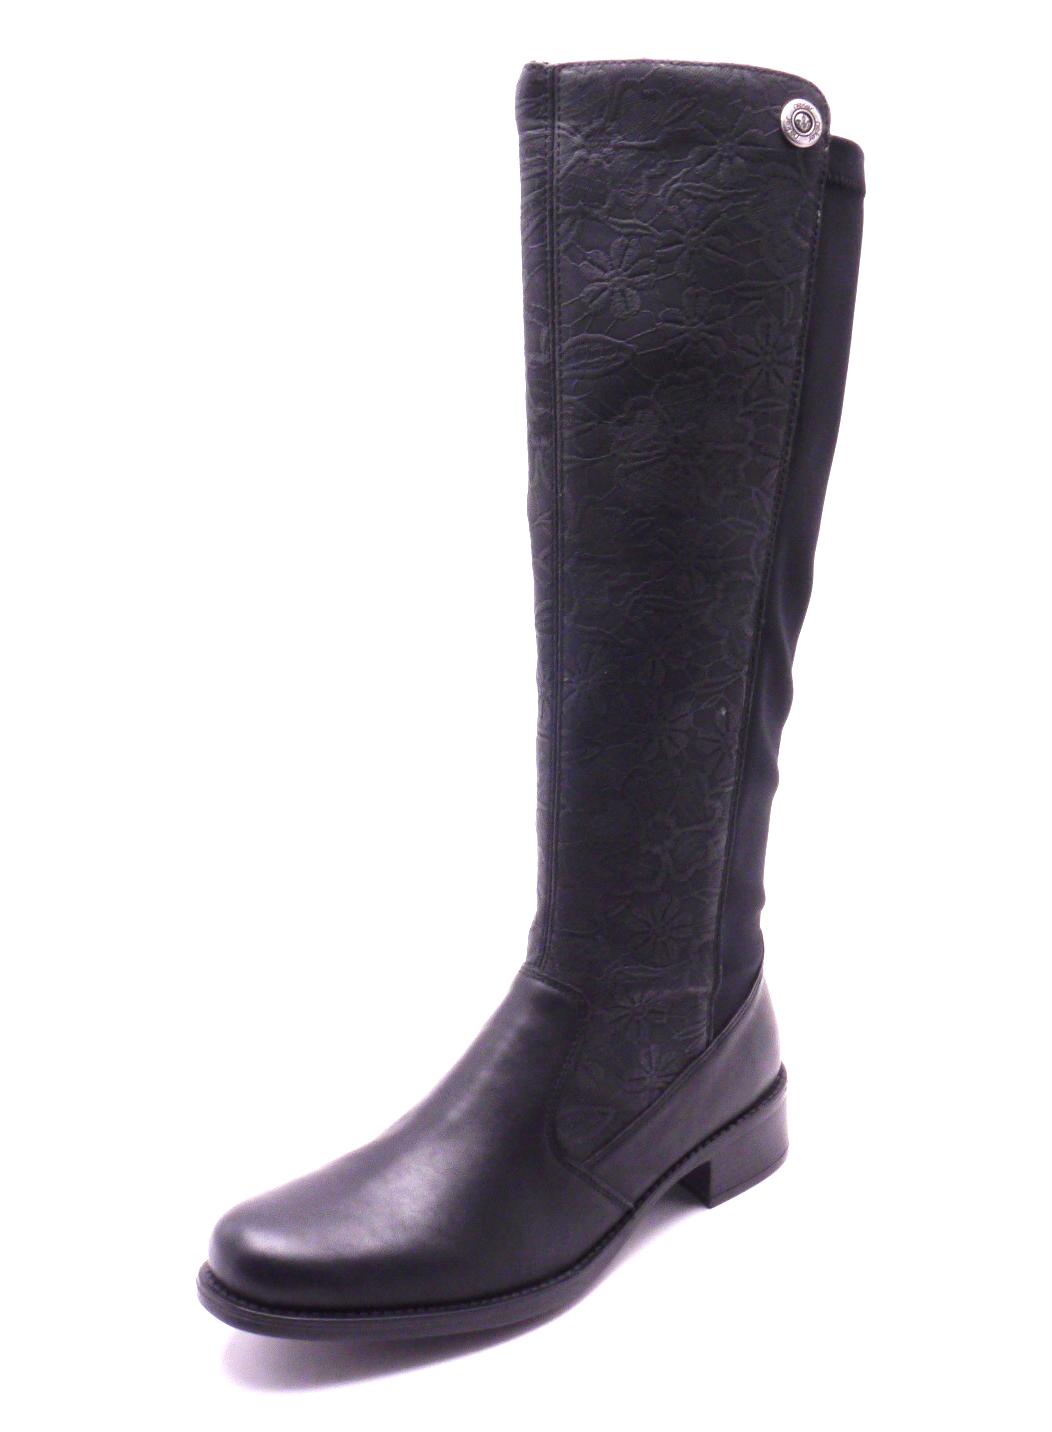 Rieker Dámské černé kozačky s ozdobným vzorem Z7391-01 Velikost: 41